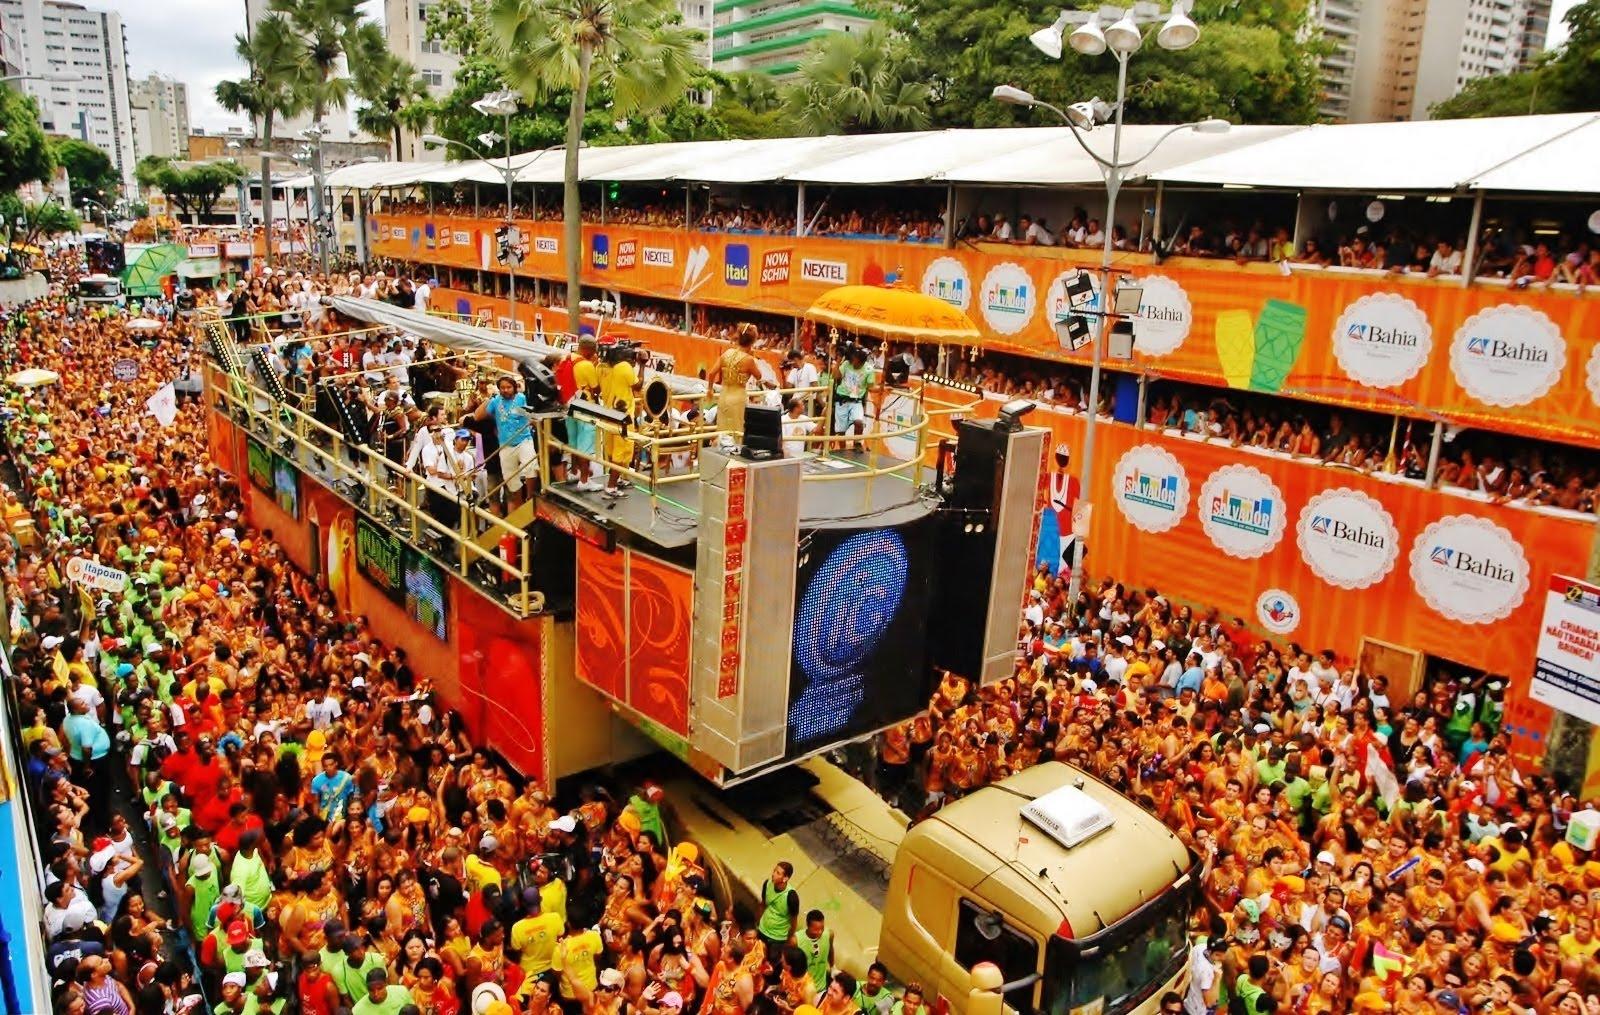 La música, el baile y el color son los protagonistas del Carnaval en Brasil